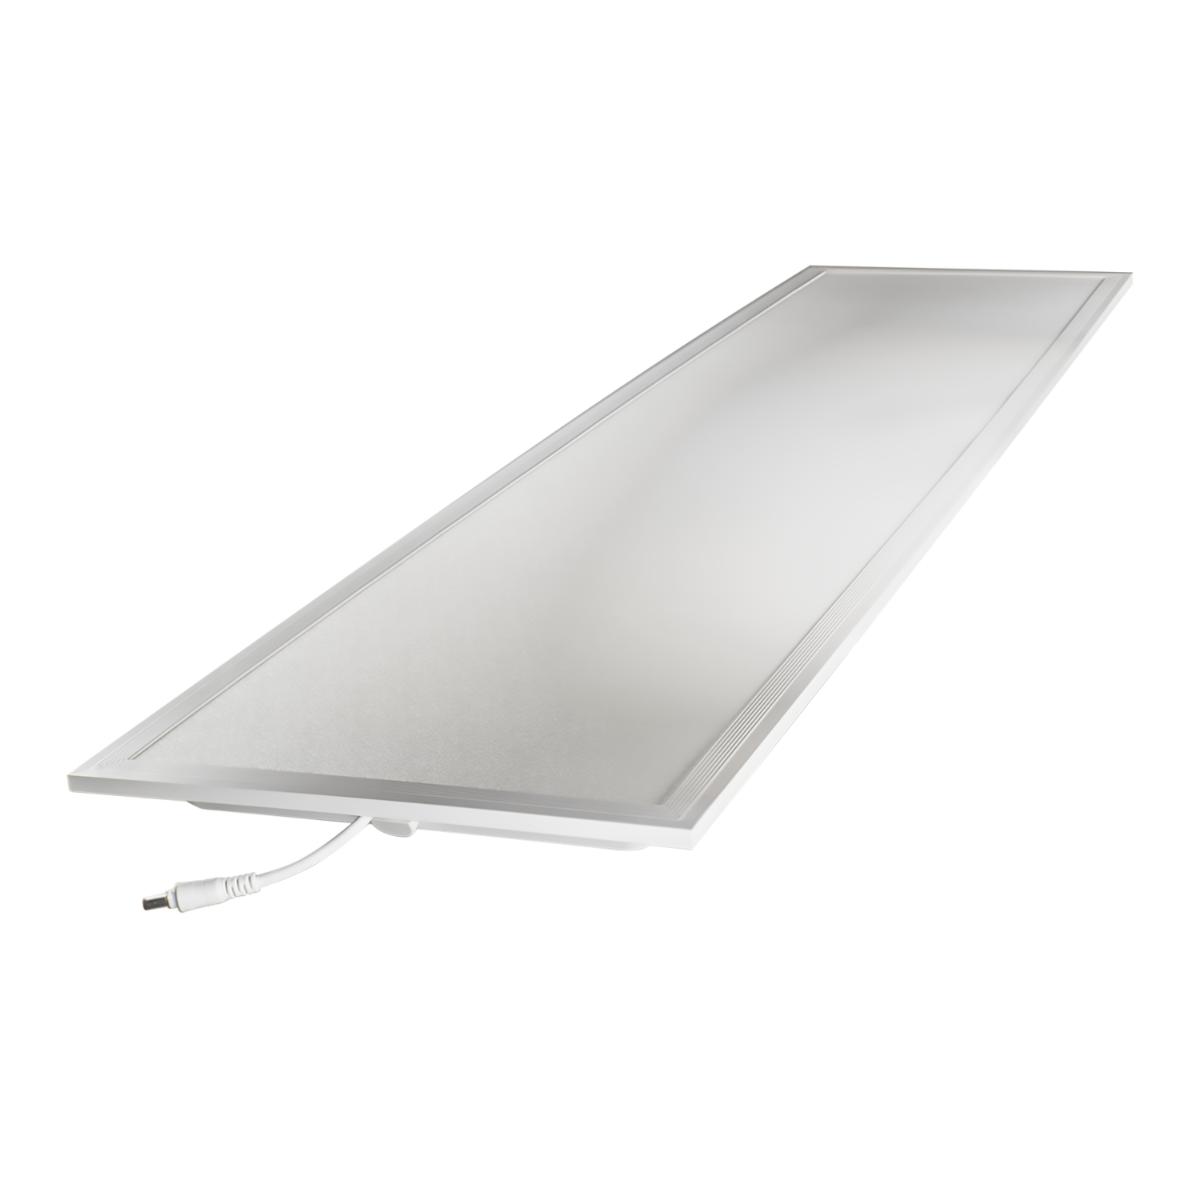 Noxion Delta Pro LED Panel UGR<19 V2.0 30W 4110lm 6500K 300x1200 + GST18 Männlich + Xitanium | Tageslichtweiß